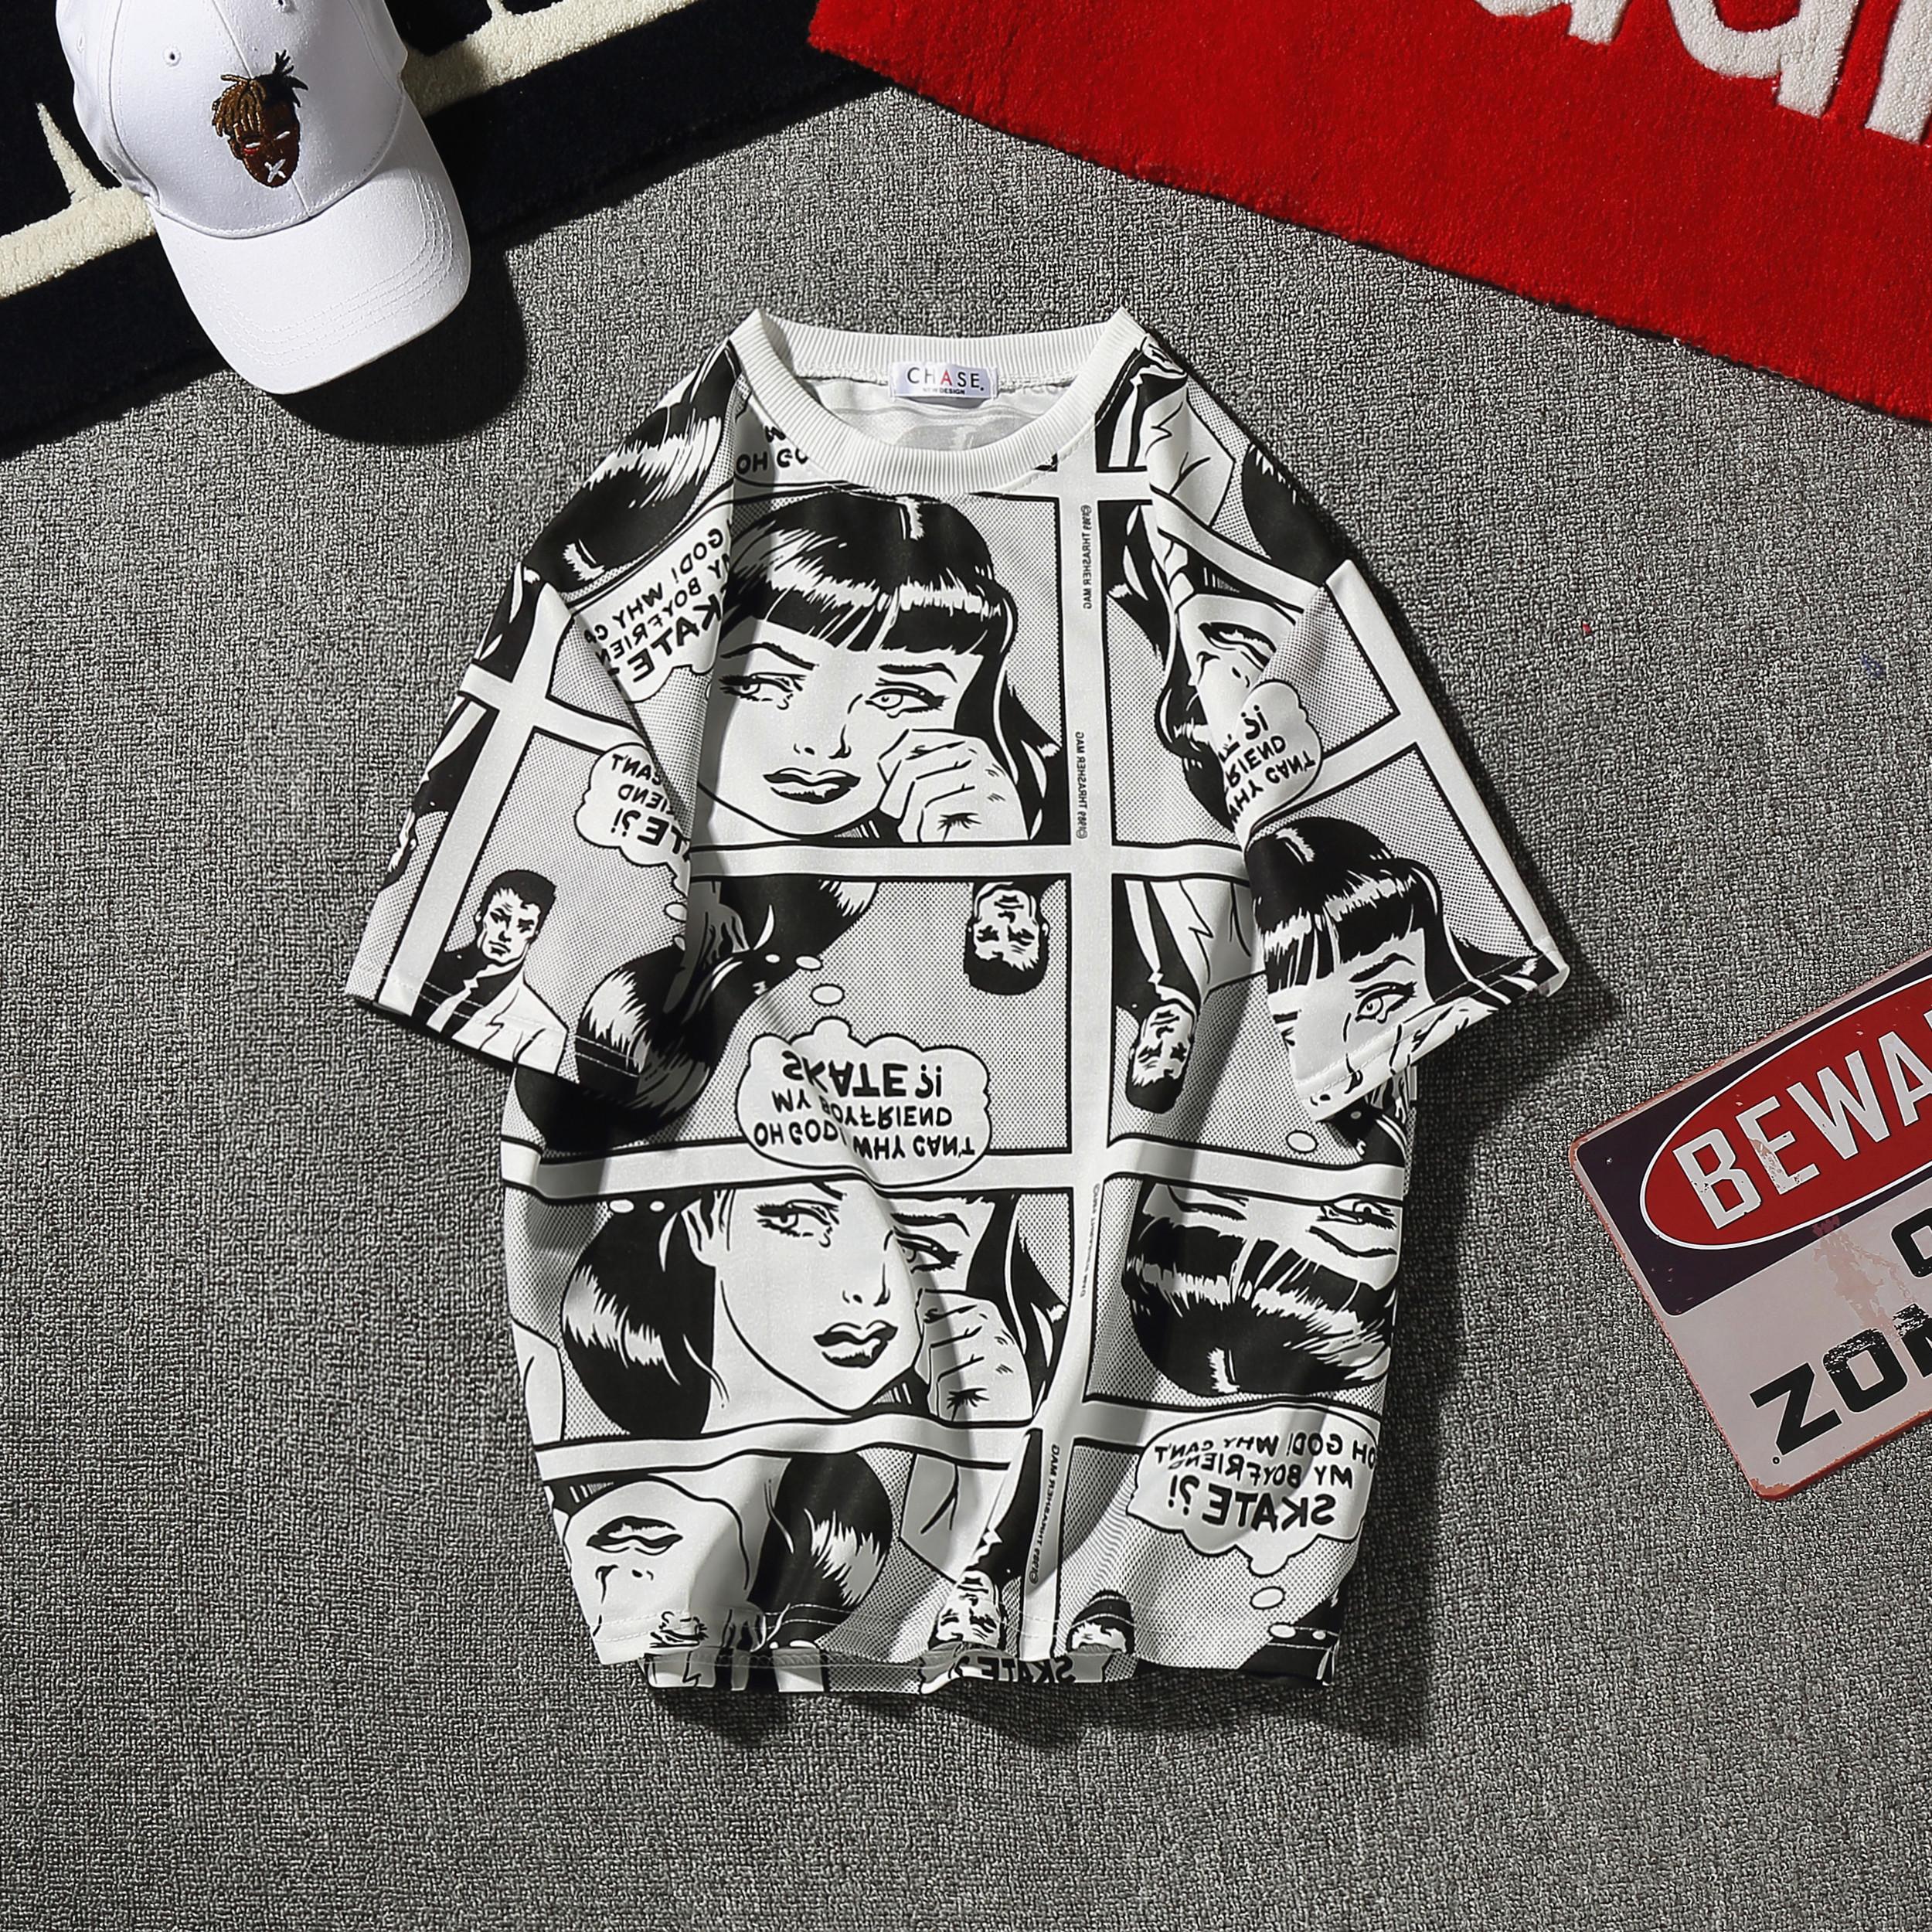 Celana Panjang Pendek Olahraga Pria Kemeja Lengan Benedict Navy Denim Ss Semata Kaki Dan Wanita Longgar Tren Komik